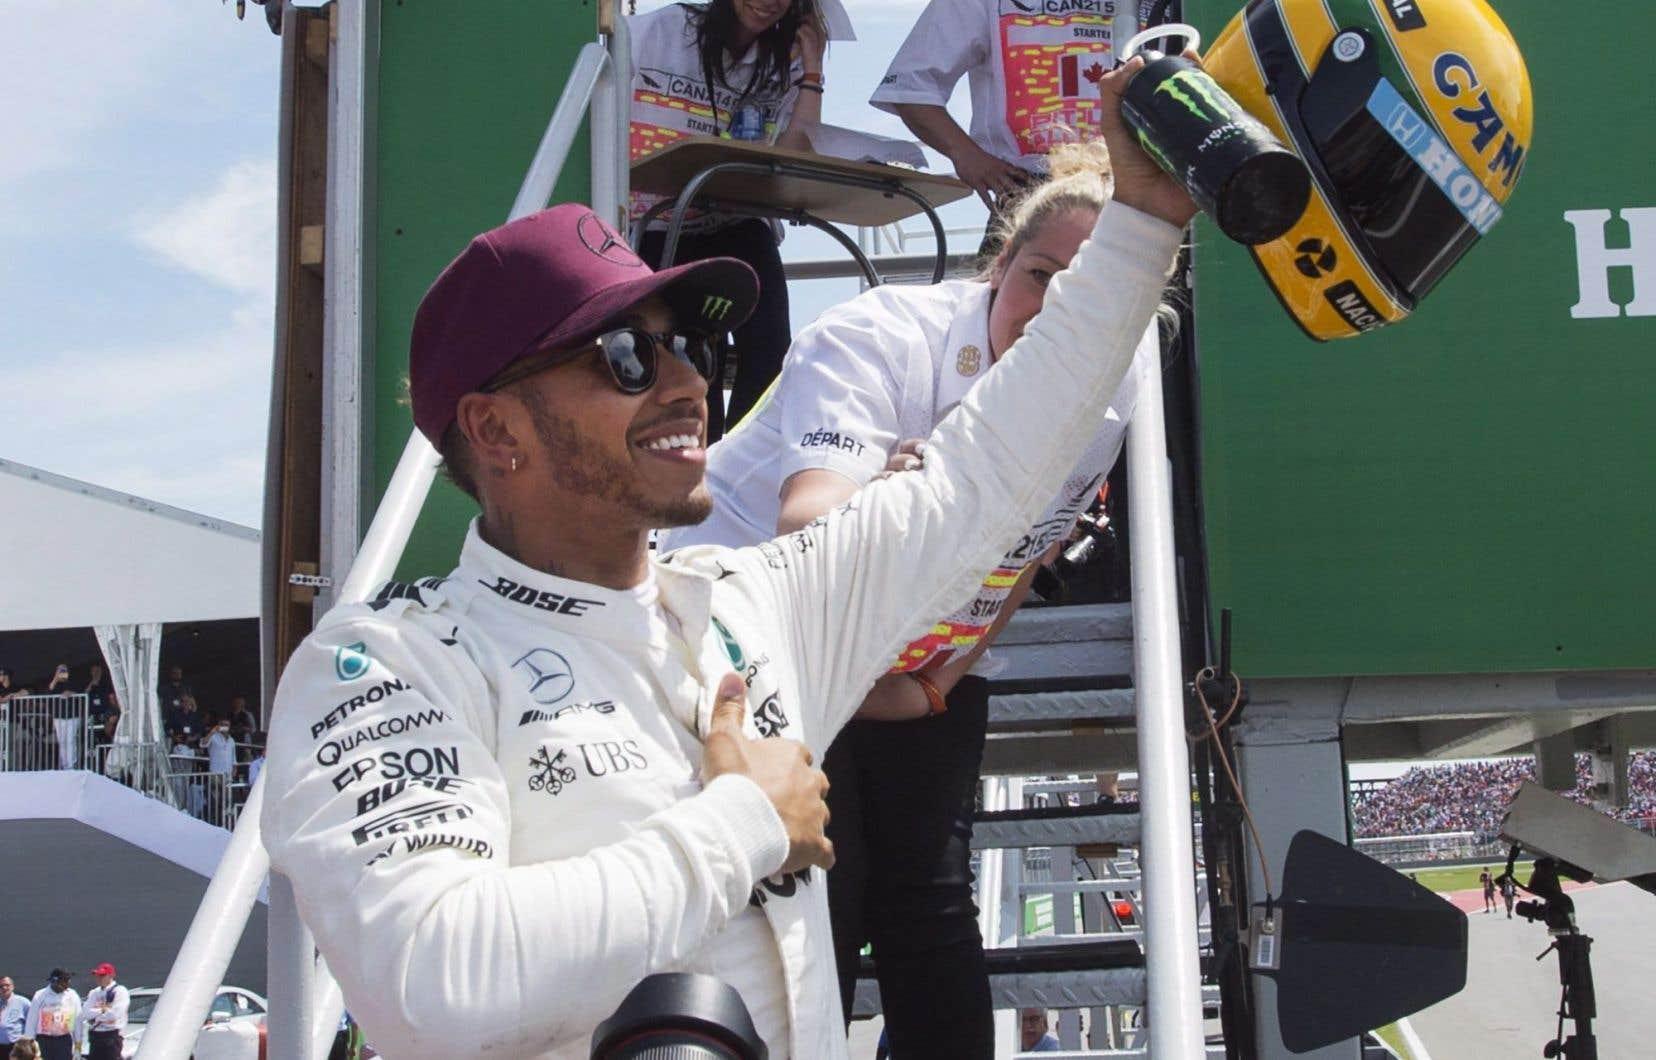 Le pilote Lewis Hamilton salue la foule après avoir obtenu la position de tête samedi.